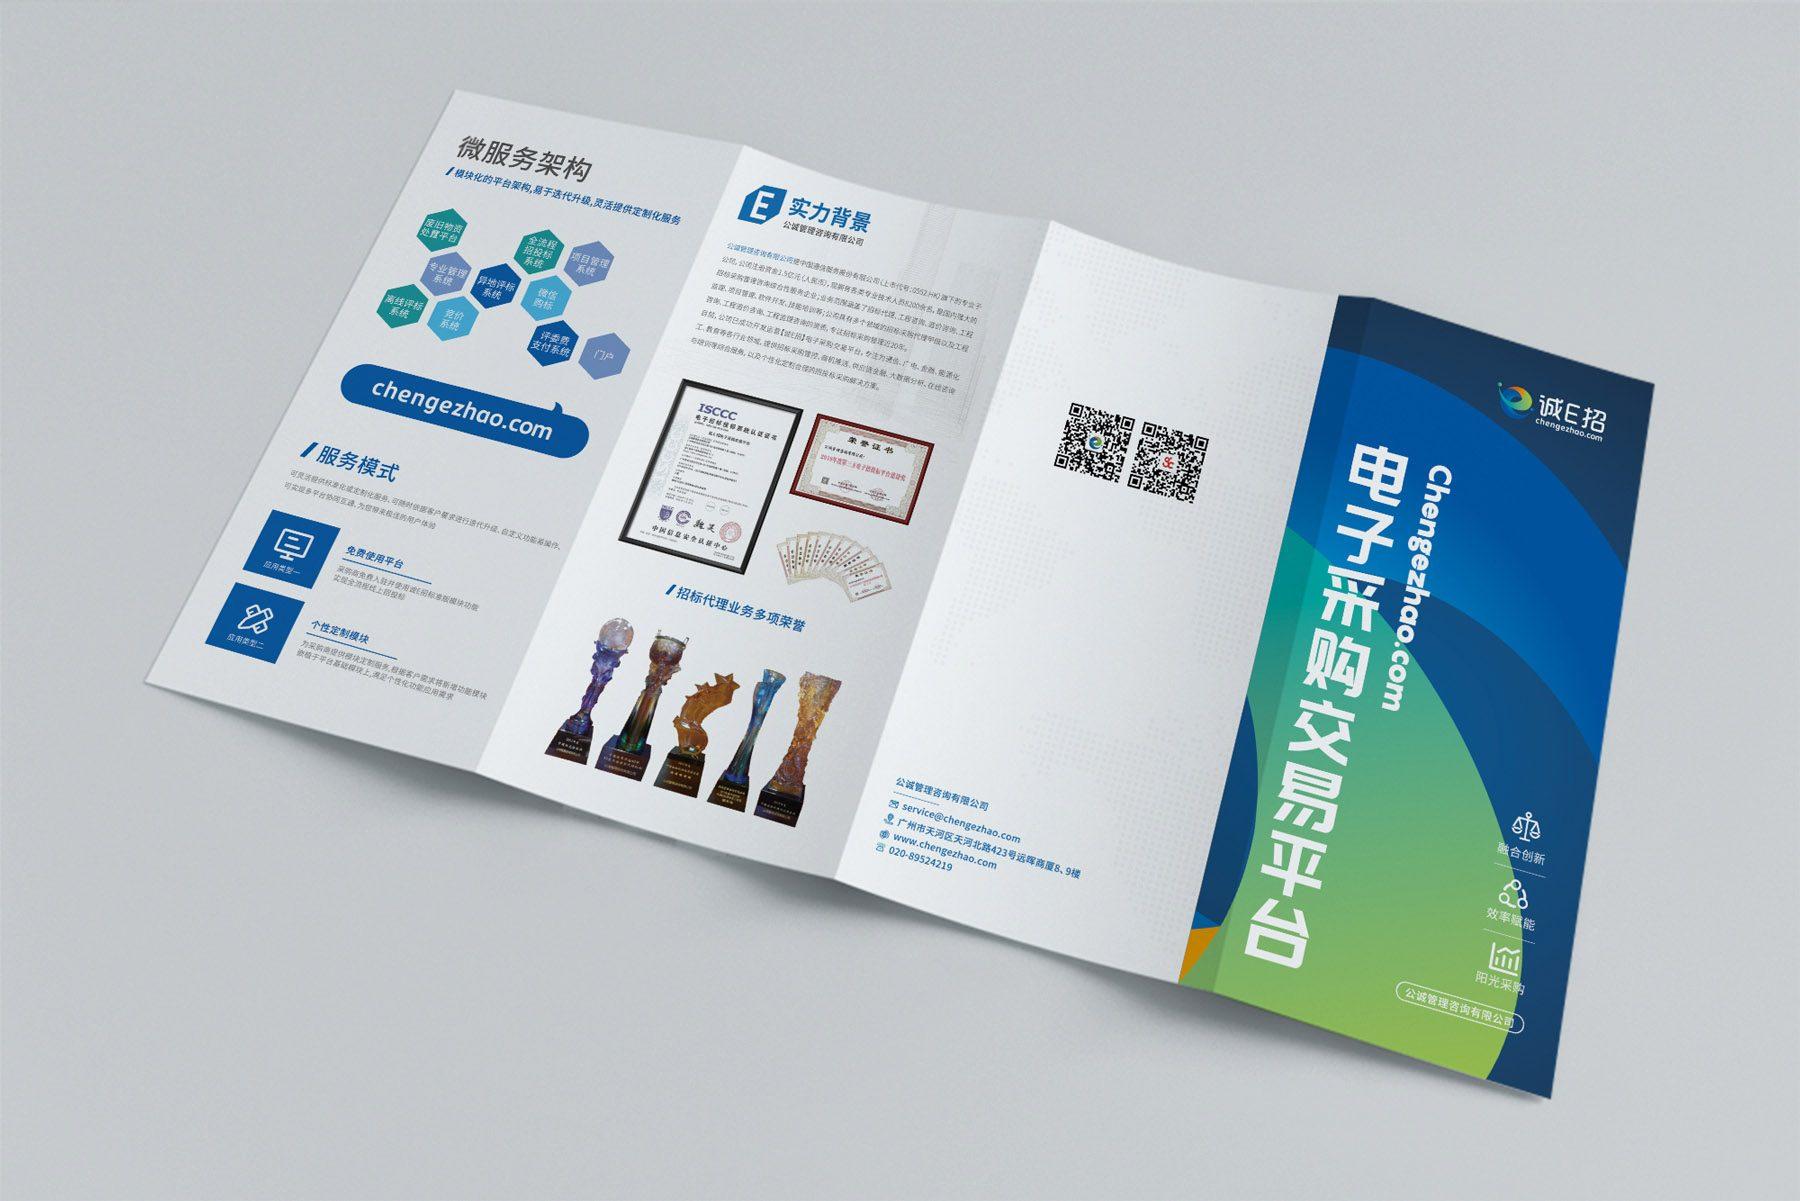 企业形象设计:识别需求